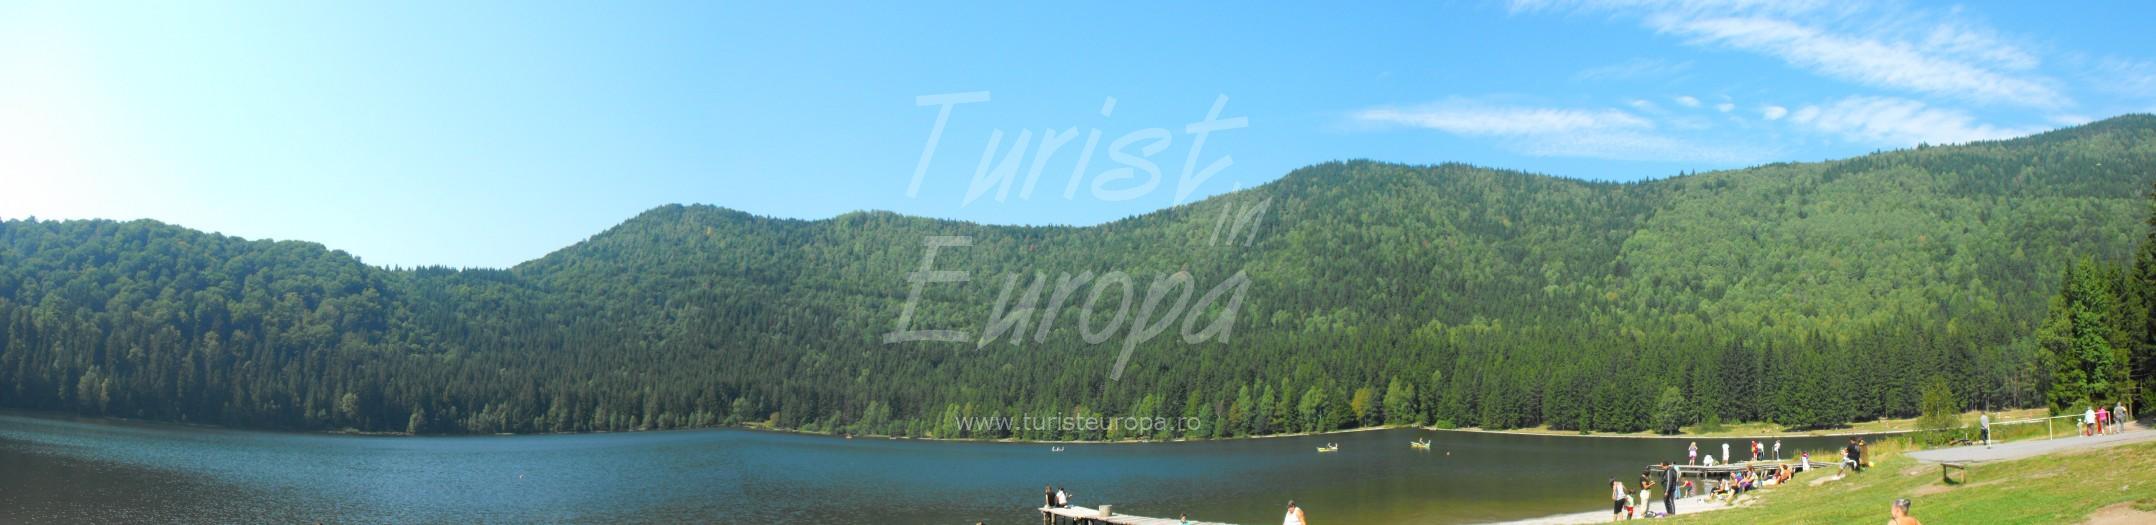 Tusnad, Romania - Panorama Lacul Sfanta Ana